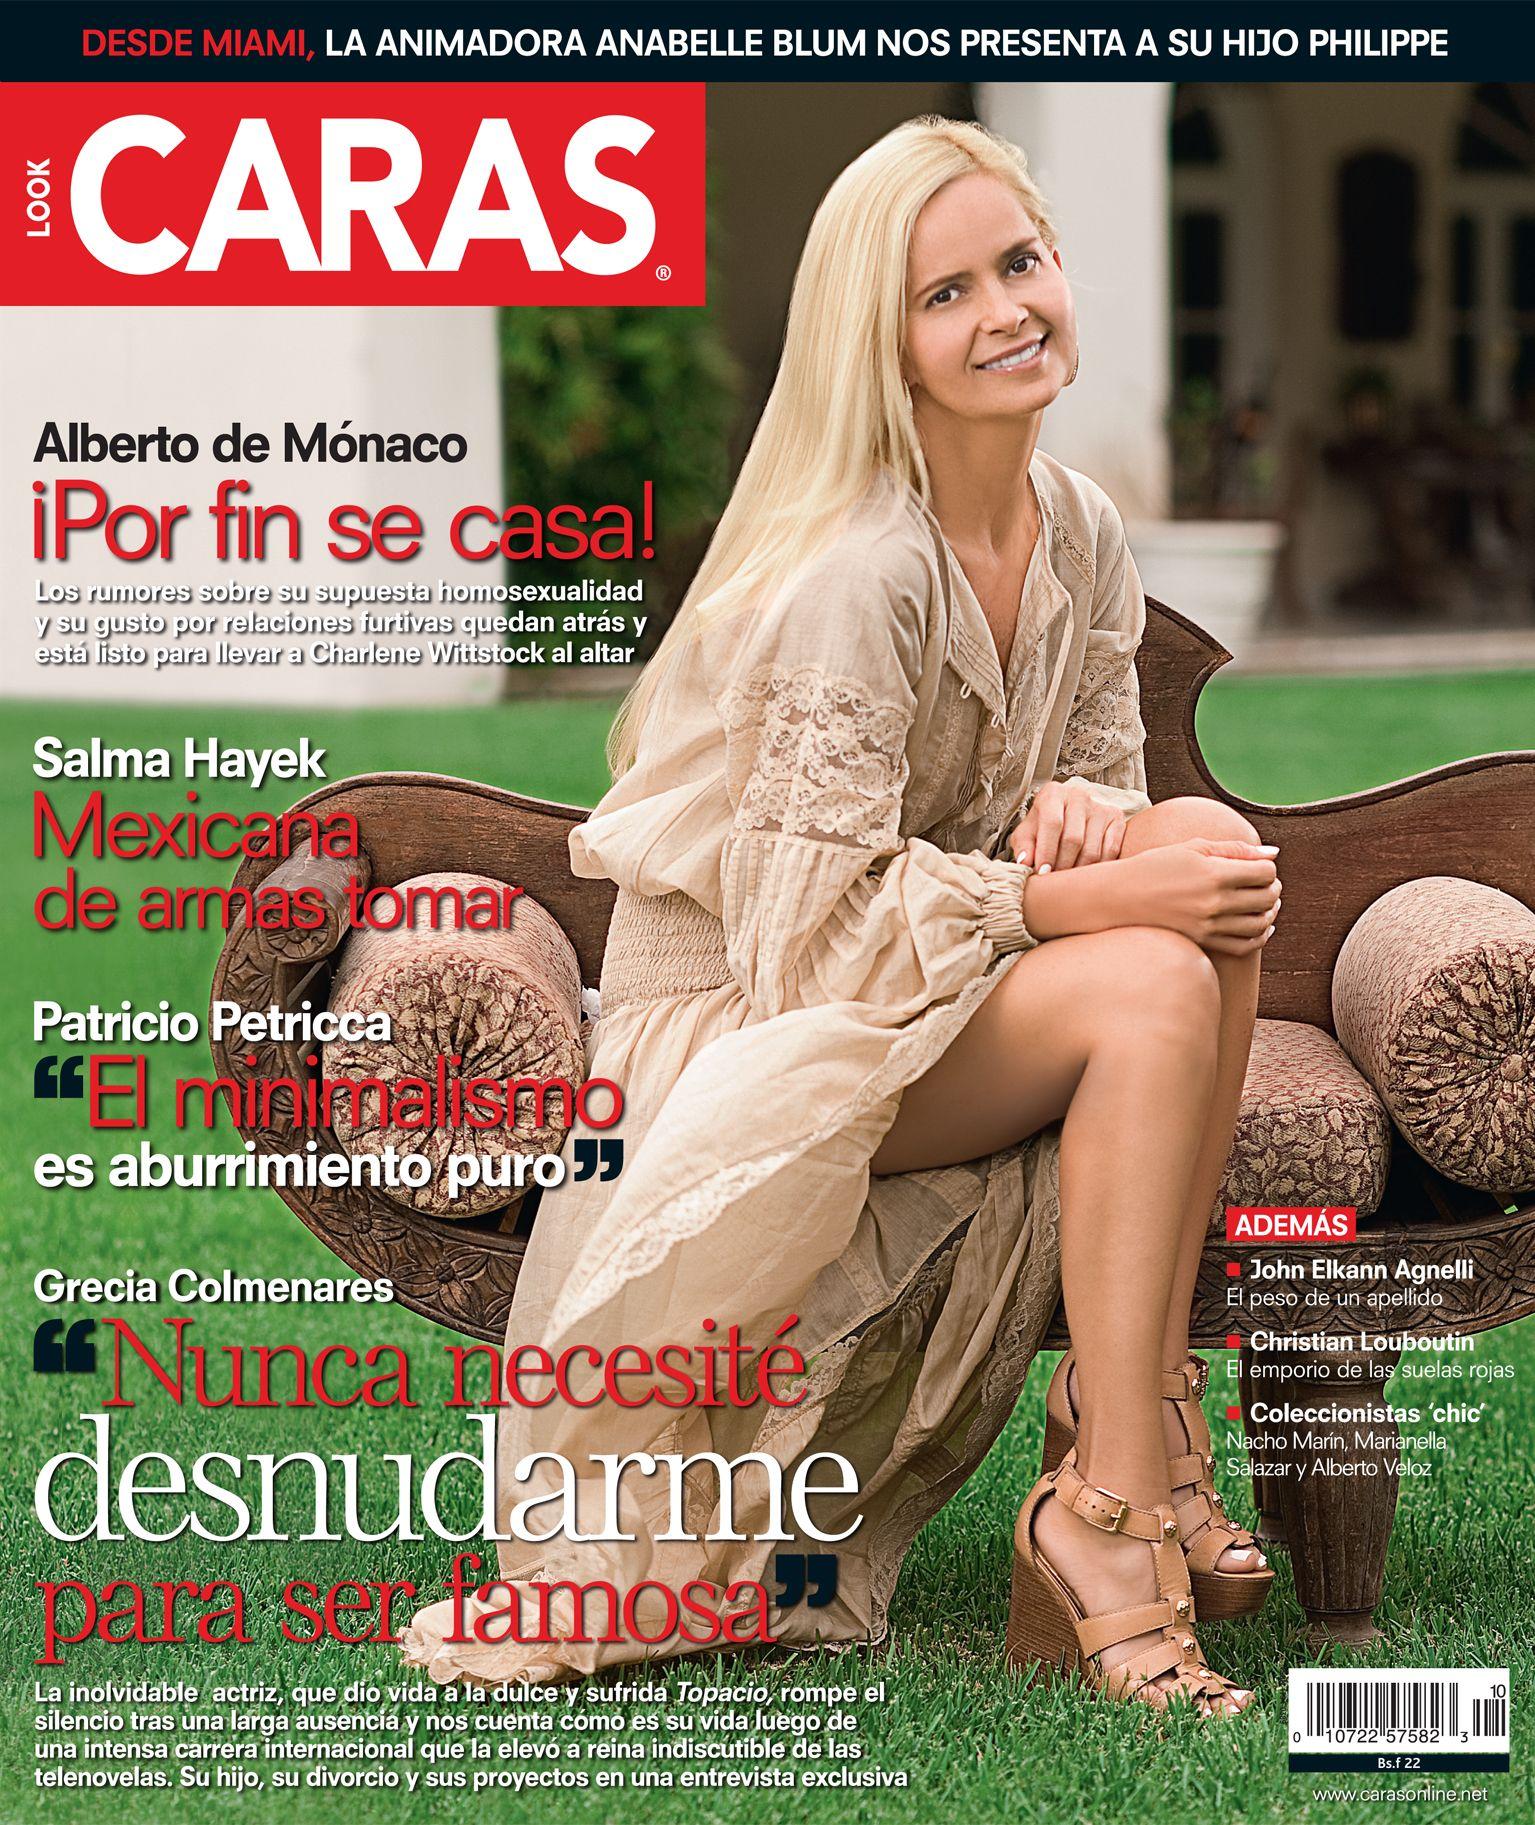 CARAS_Ed 310. Grecia Colmenares. Ago 2010